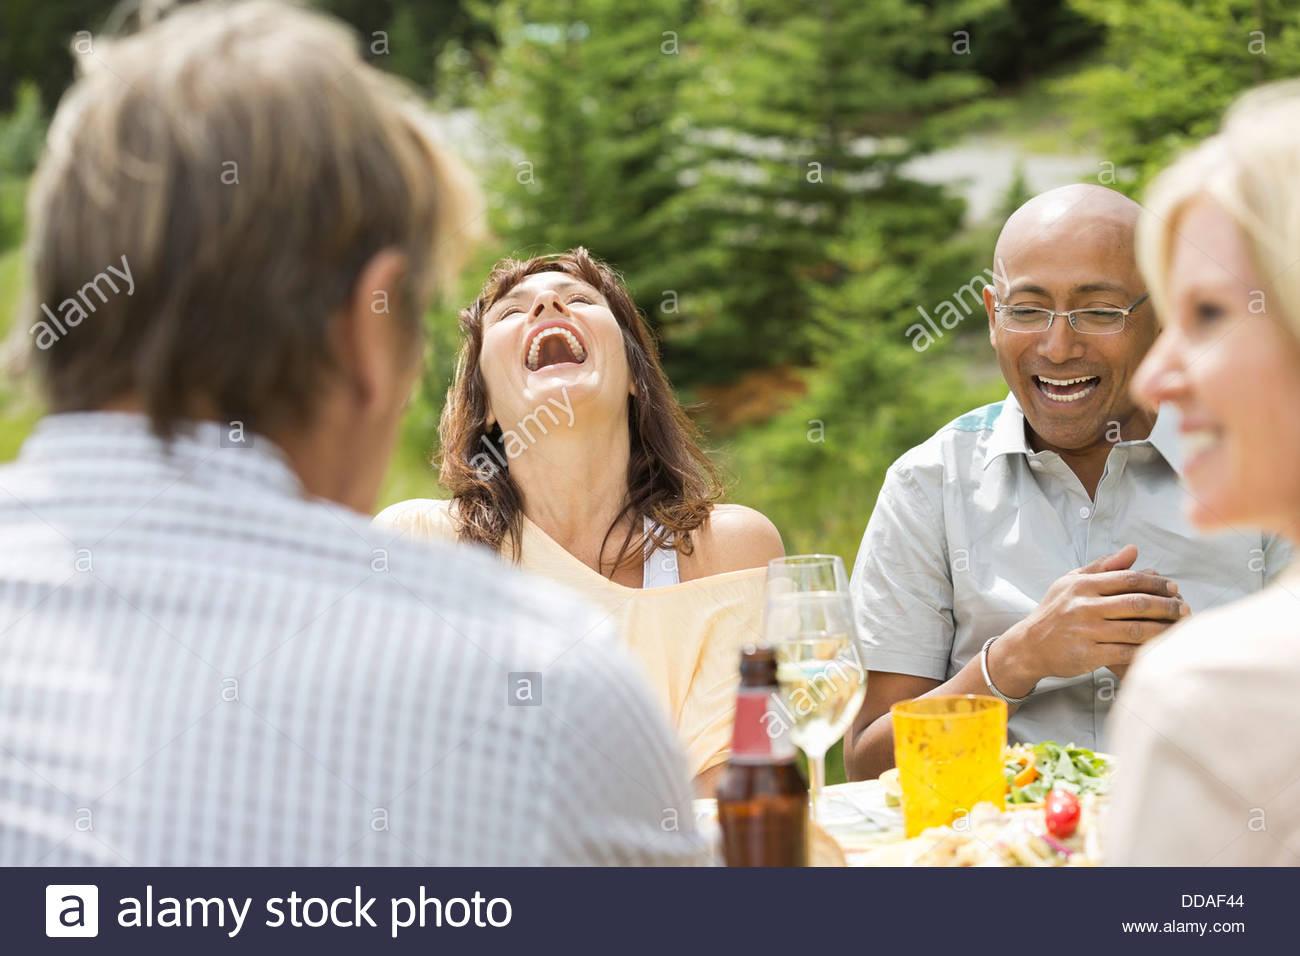 Paar lachen während geselliges Beisammensein Stockbild